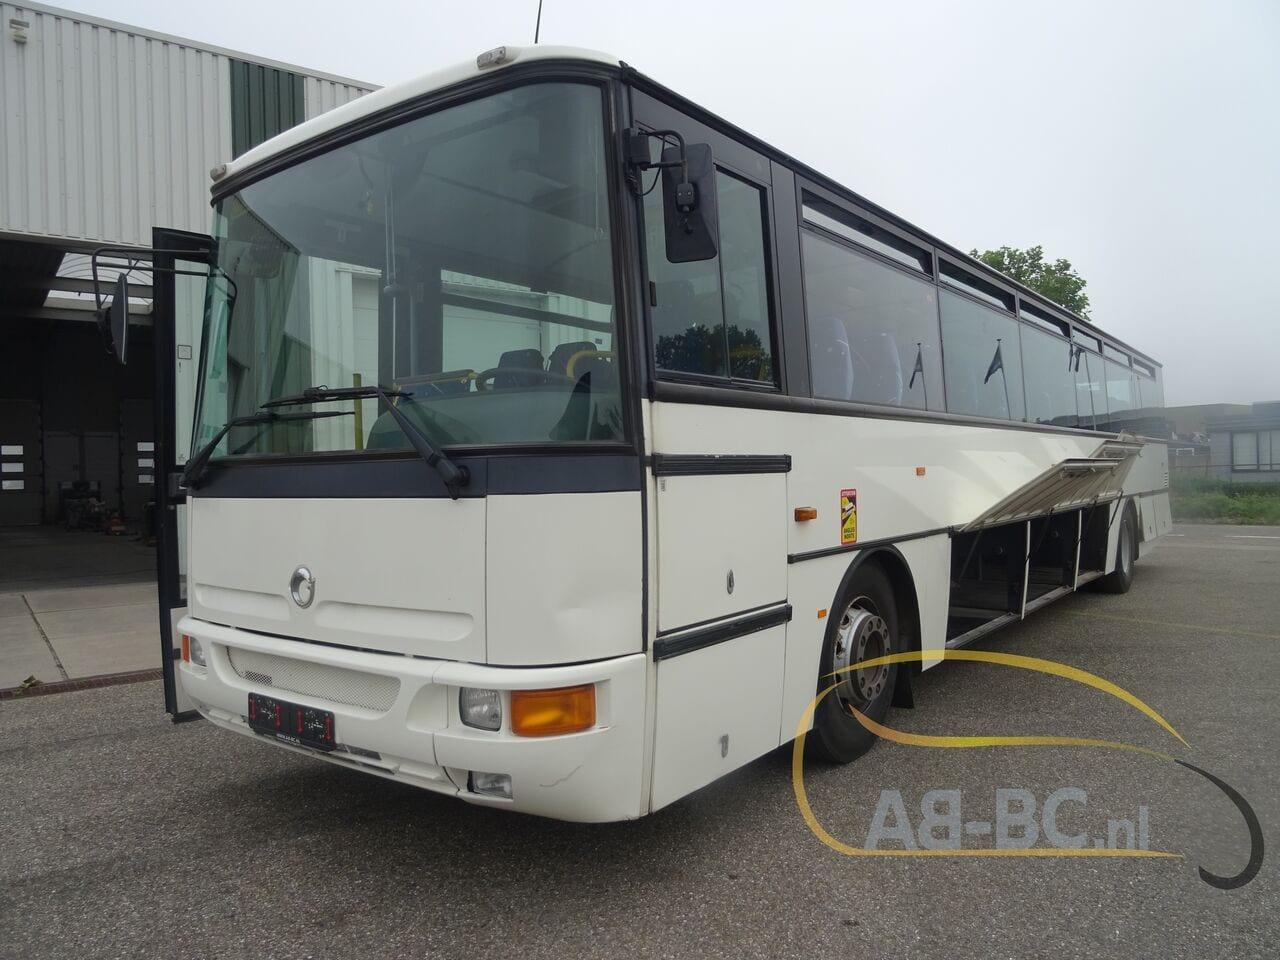 interurban-busIVECO-Irisbus-Recreo-64-Seats---1626159793556687075_big_bfbe8f3c188cc372f479480b596adbdf--21071309575983154500